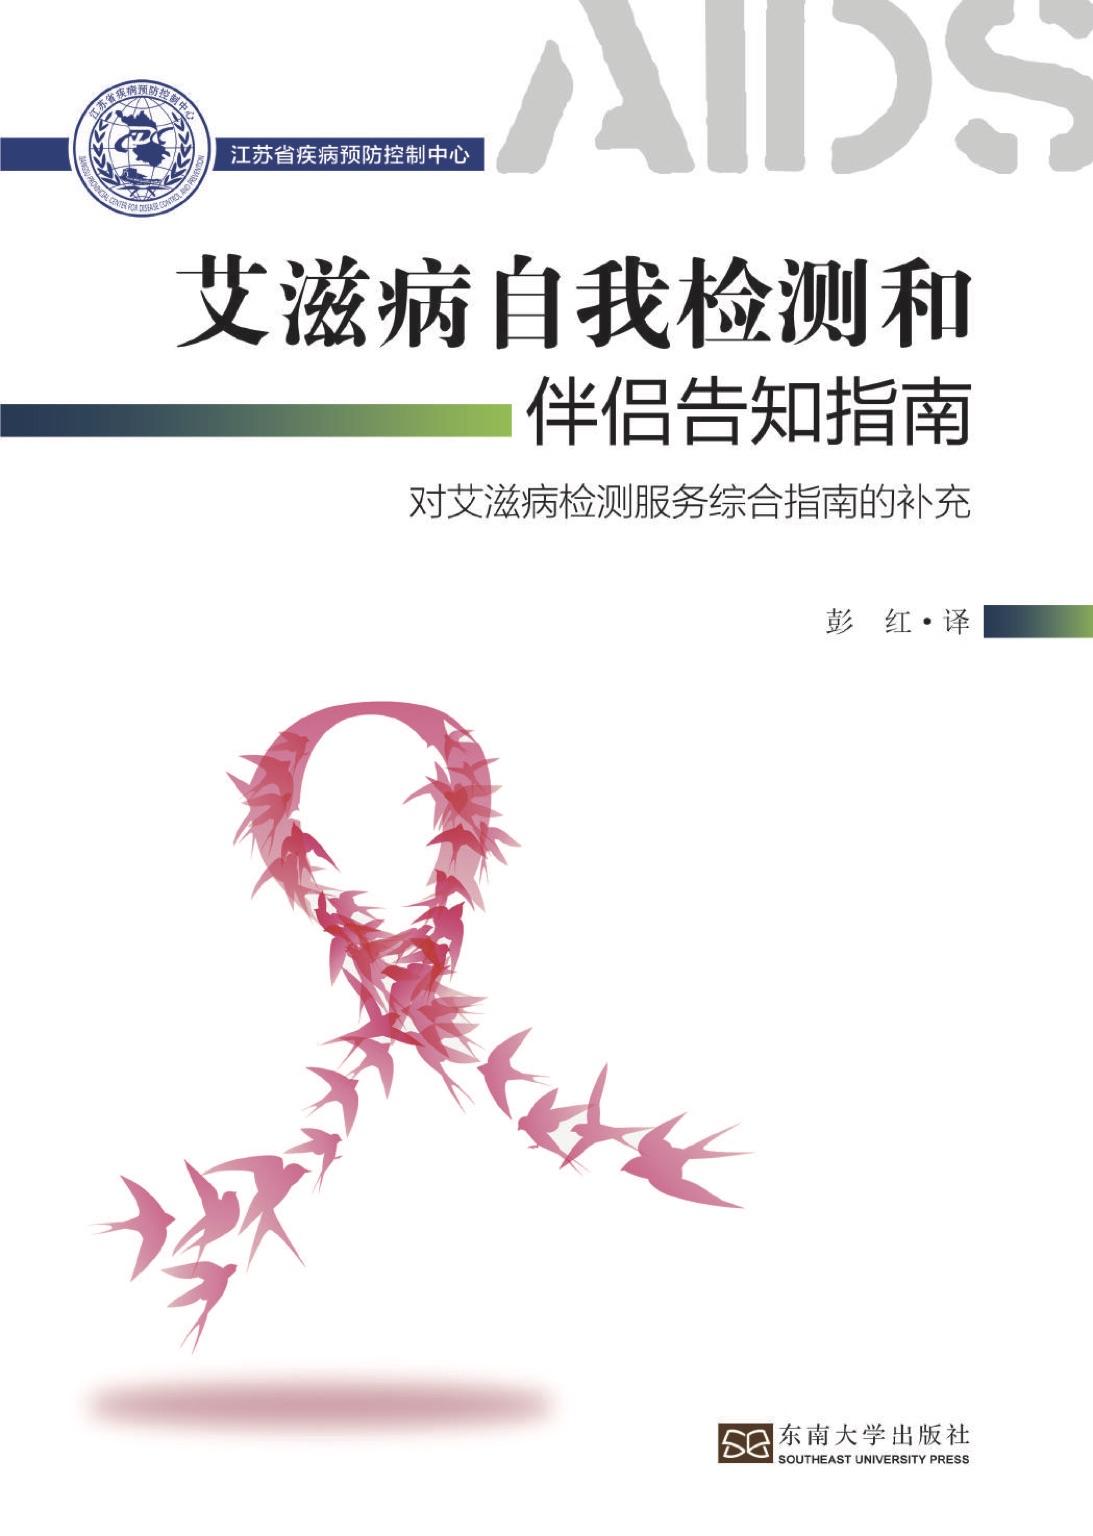 艾滋病自我检测和伴侣告知指南-对艾滋病检测服务综合指南的补充